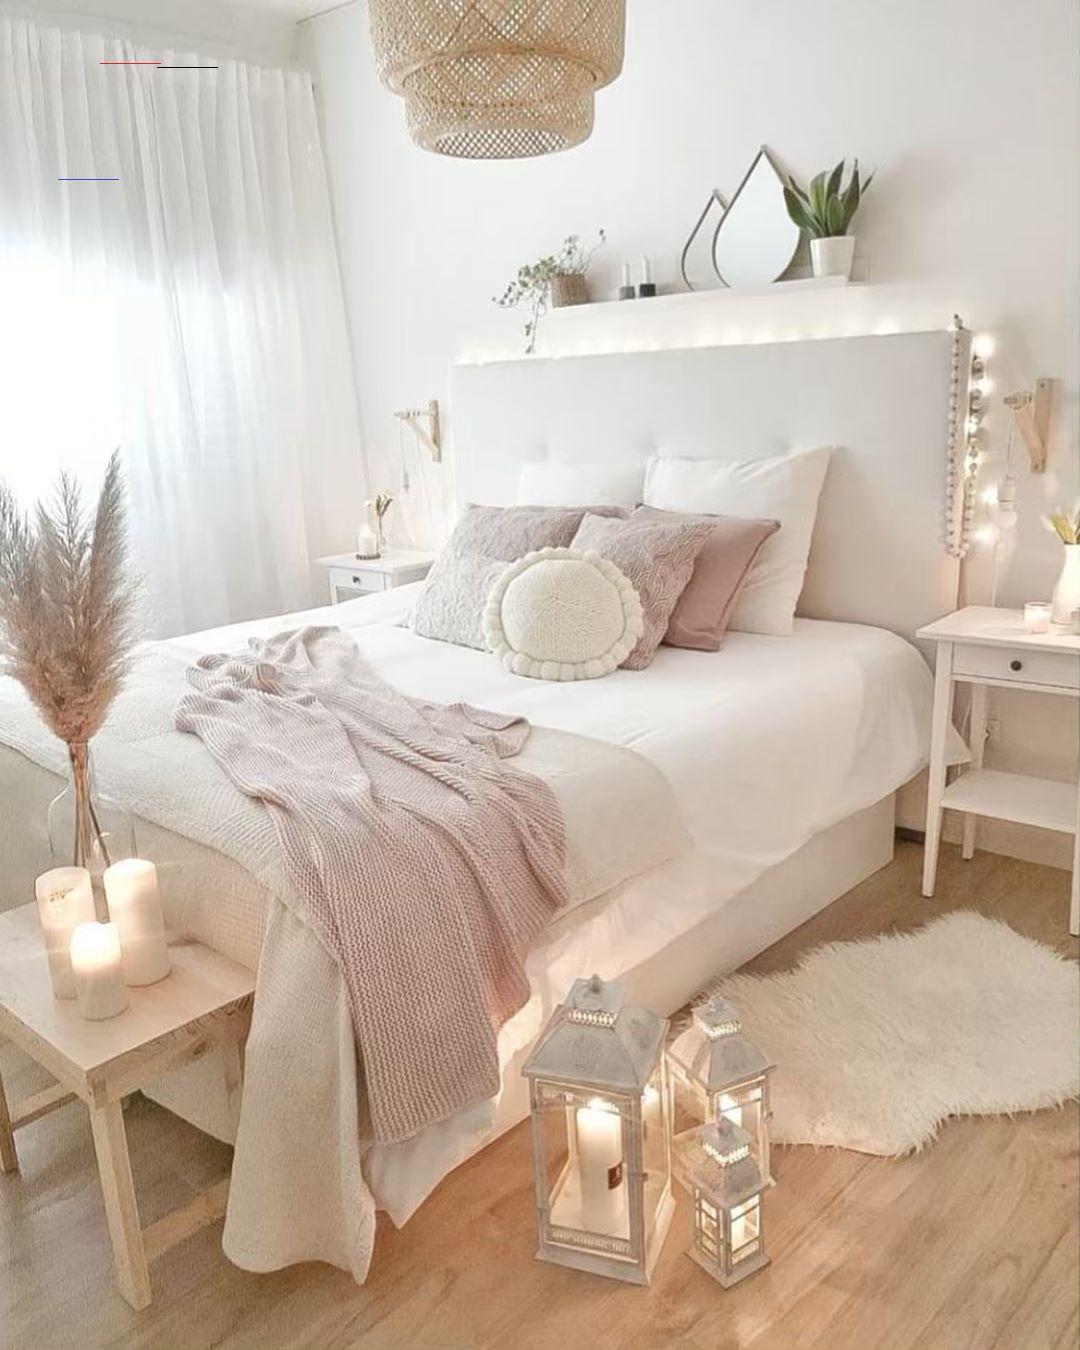 Bedroom Goals On Instagram Love This One Yay Or Nay Follow Mybedroomgoals For More Photo Fr In 2020 Zimmer Einrichten Jugendzimmer Zimmer Zimmer Einrichten